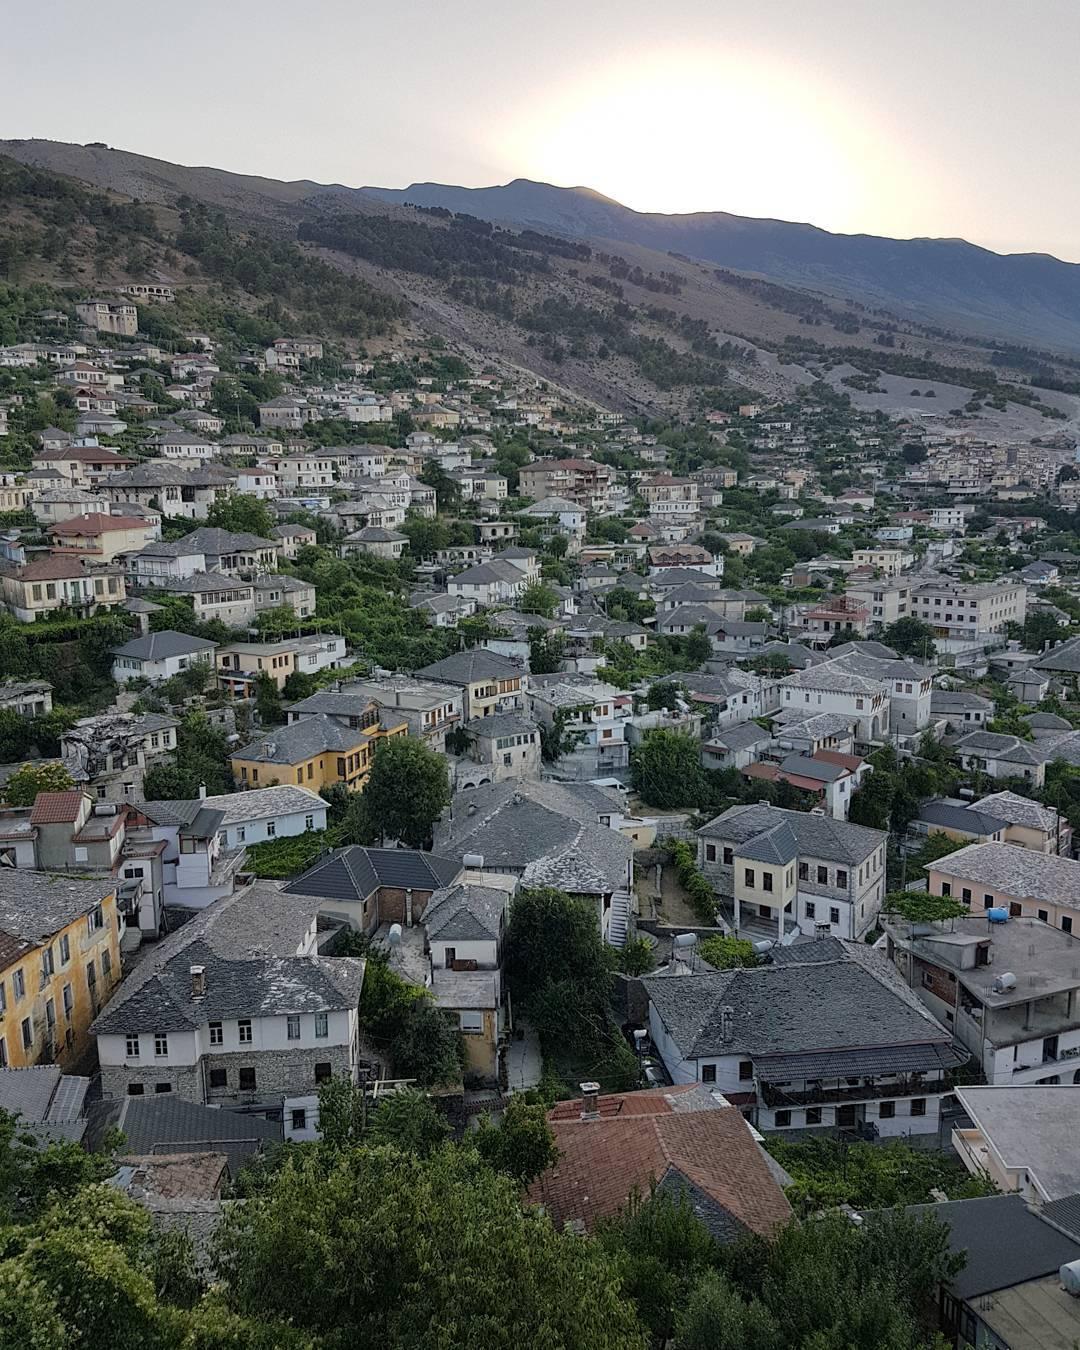 Vista panorâmica do dentro histórico de Girokaster na Albânia